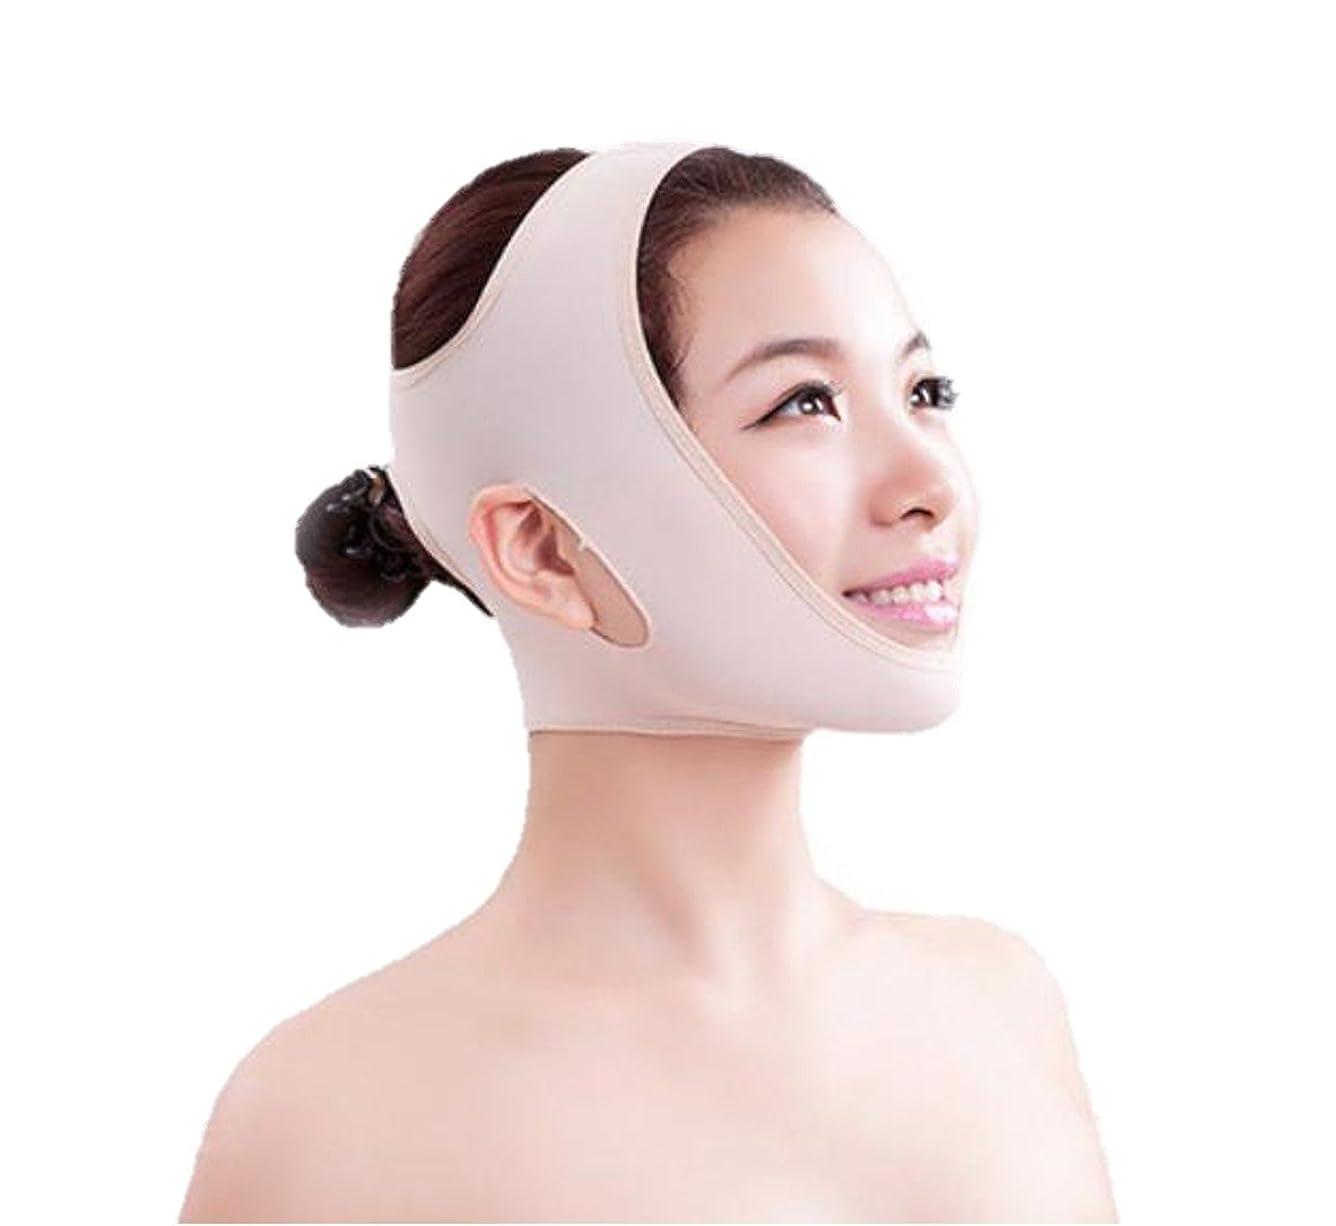 レガシーアグネスグレイトレーニング[XPデザイン] フェイスライン リフトアップ 引き上げ 小顔 美顔 あご ベルト いびき マスク 表情筋 サポーター (Lサイズ)